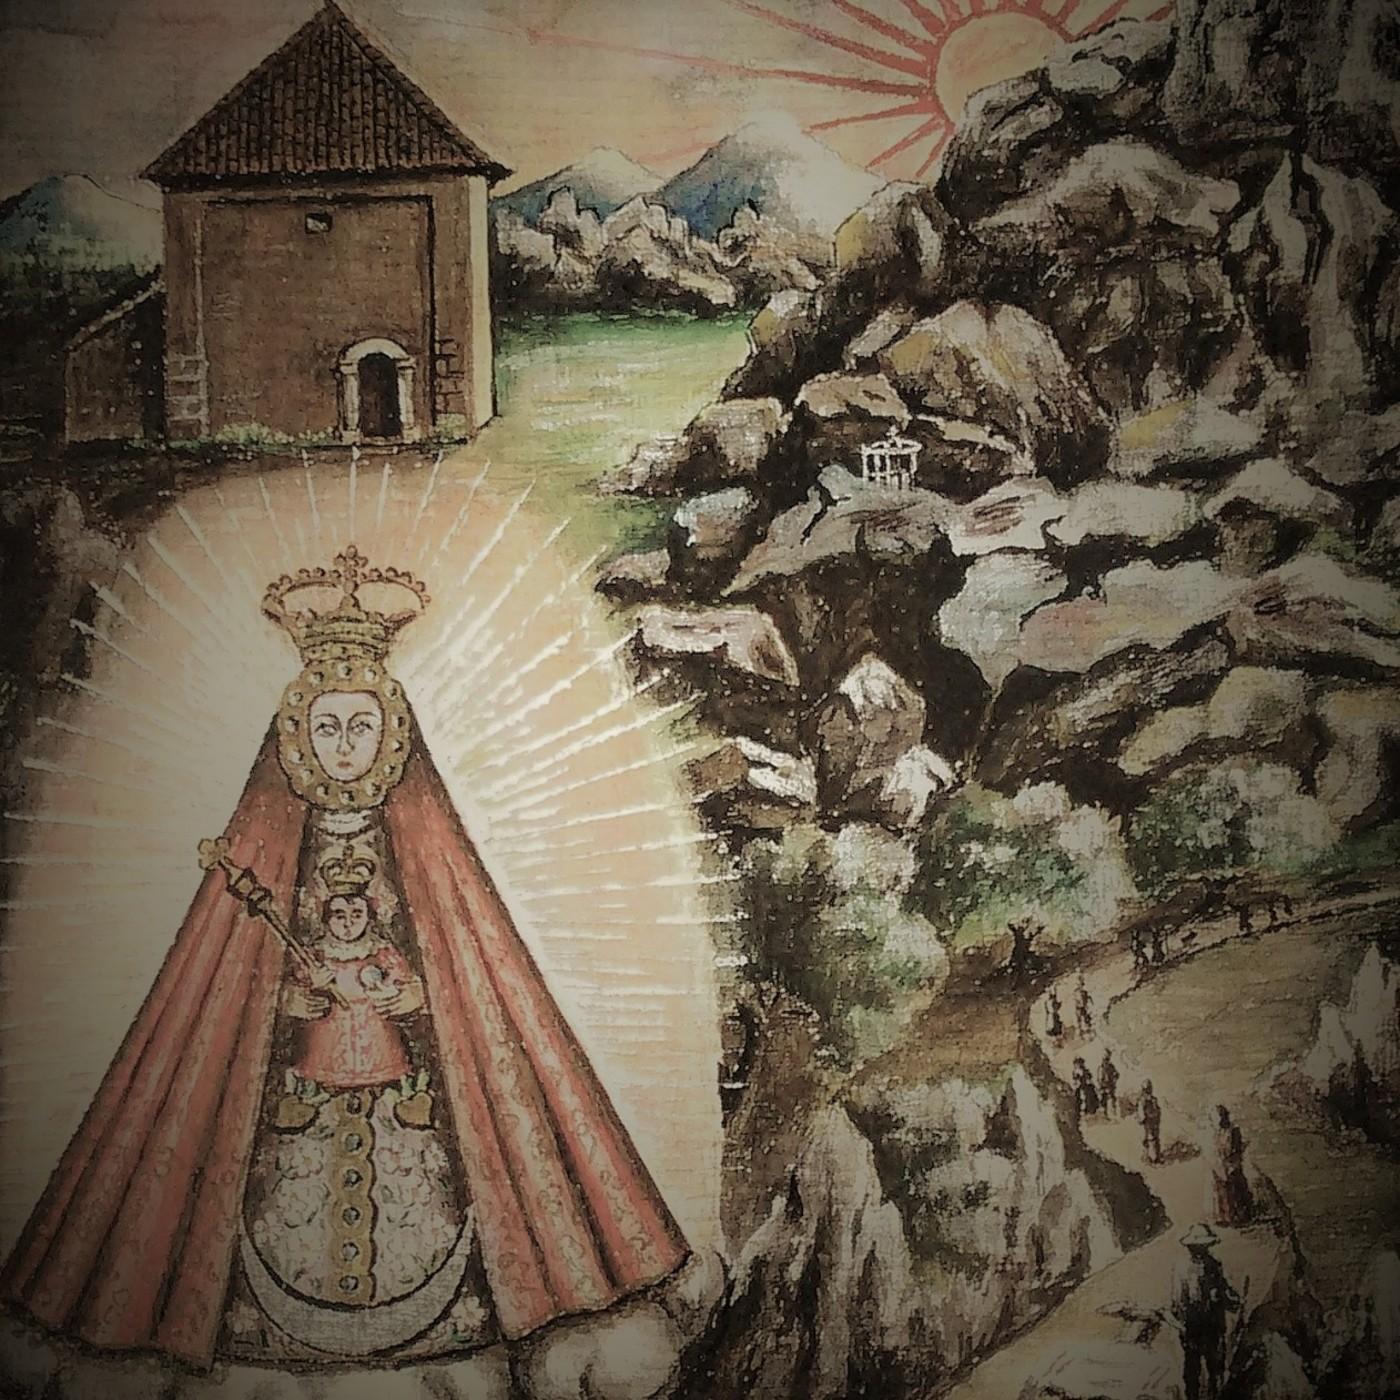 LA HISTORIA ENTRE LÍNEAS: La Romería de la Virgen de la Sierra, inicios y cambios en torno a Votos y Promesas